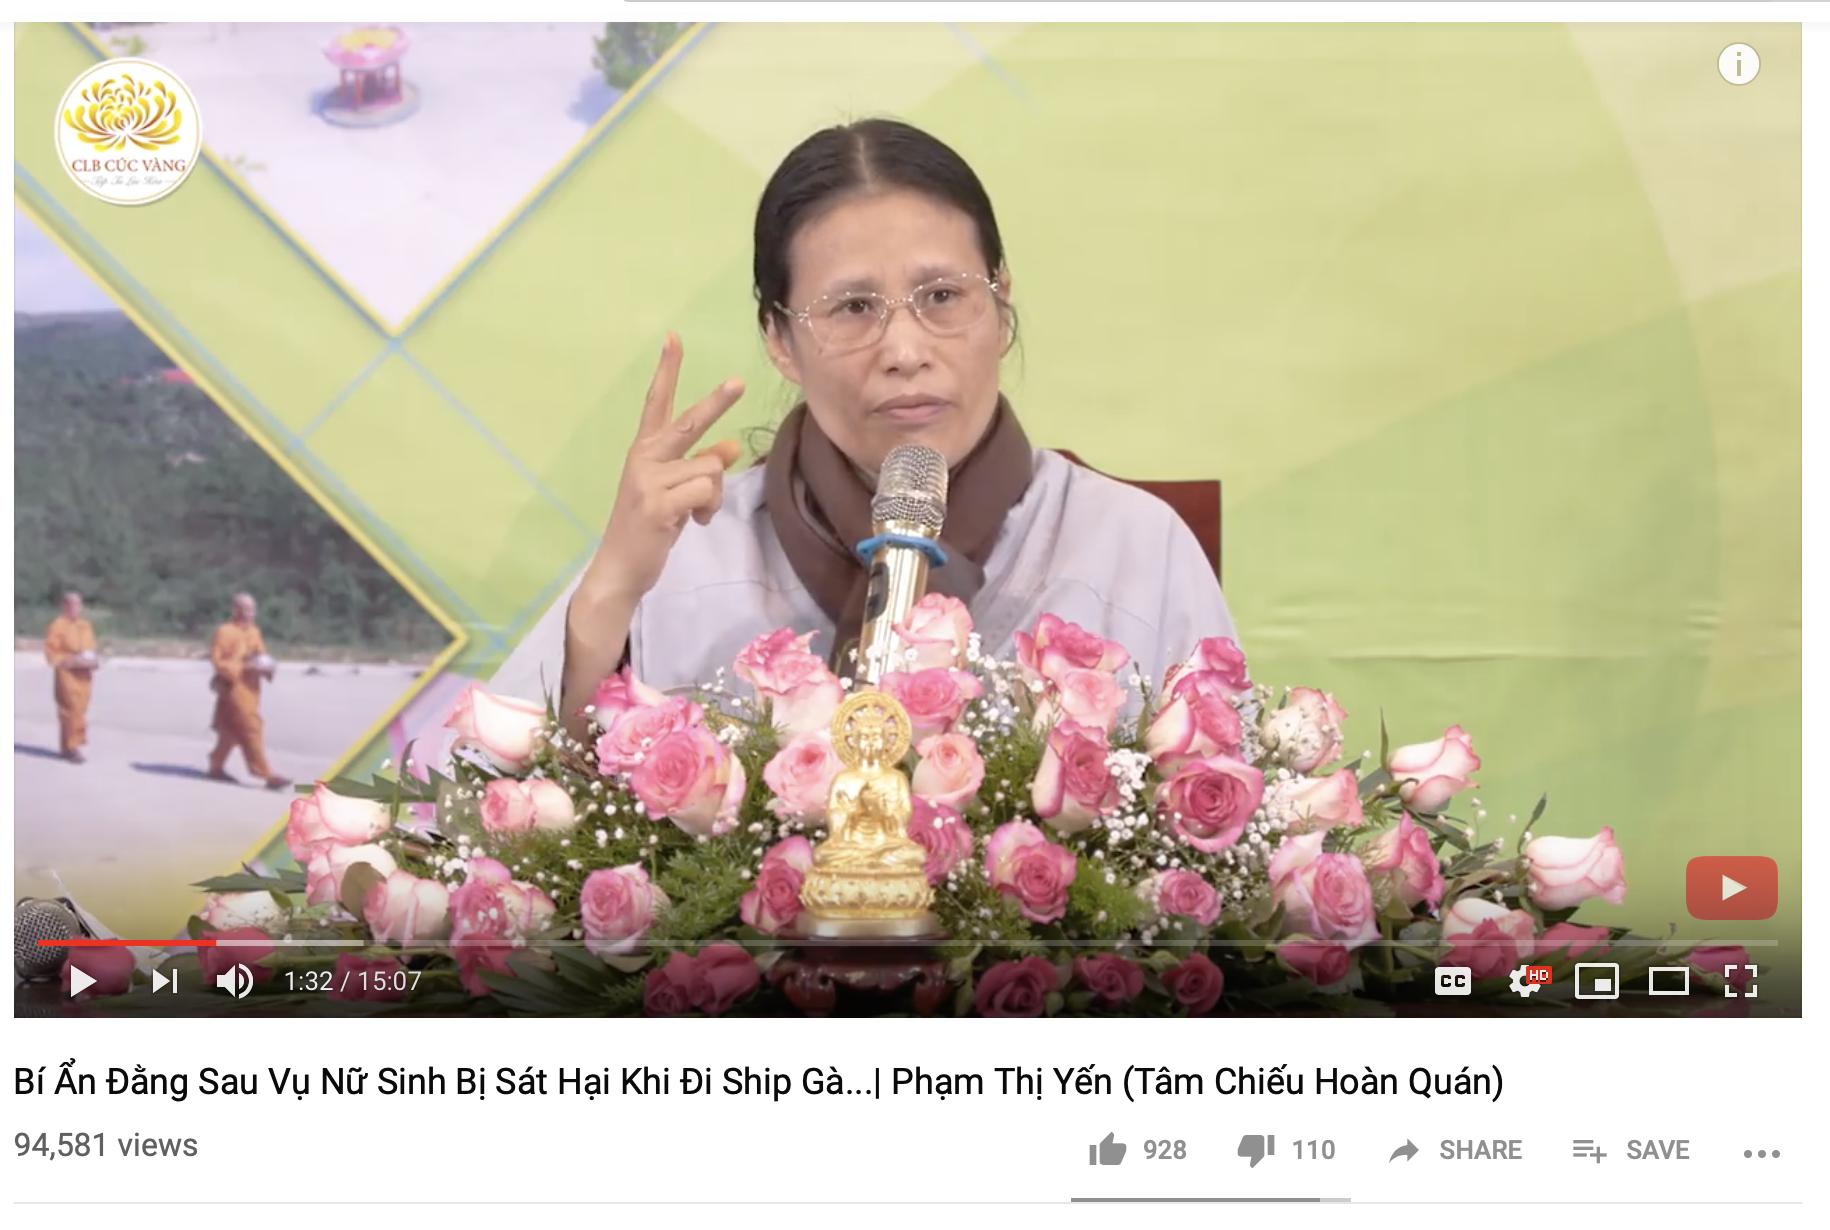 'Gọi vong' ở Ba Vàng: Bà Phạm Thị Yến là ai? - Ảnh 3